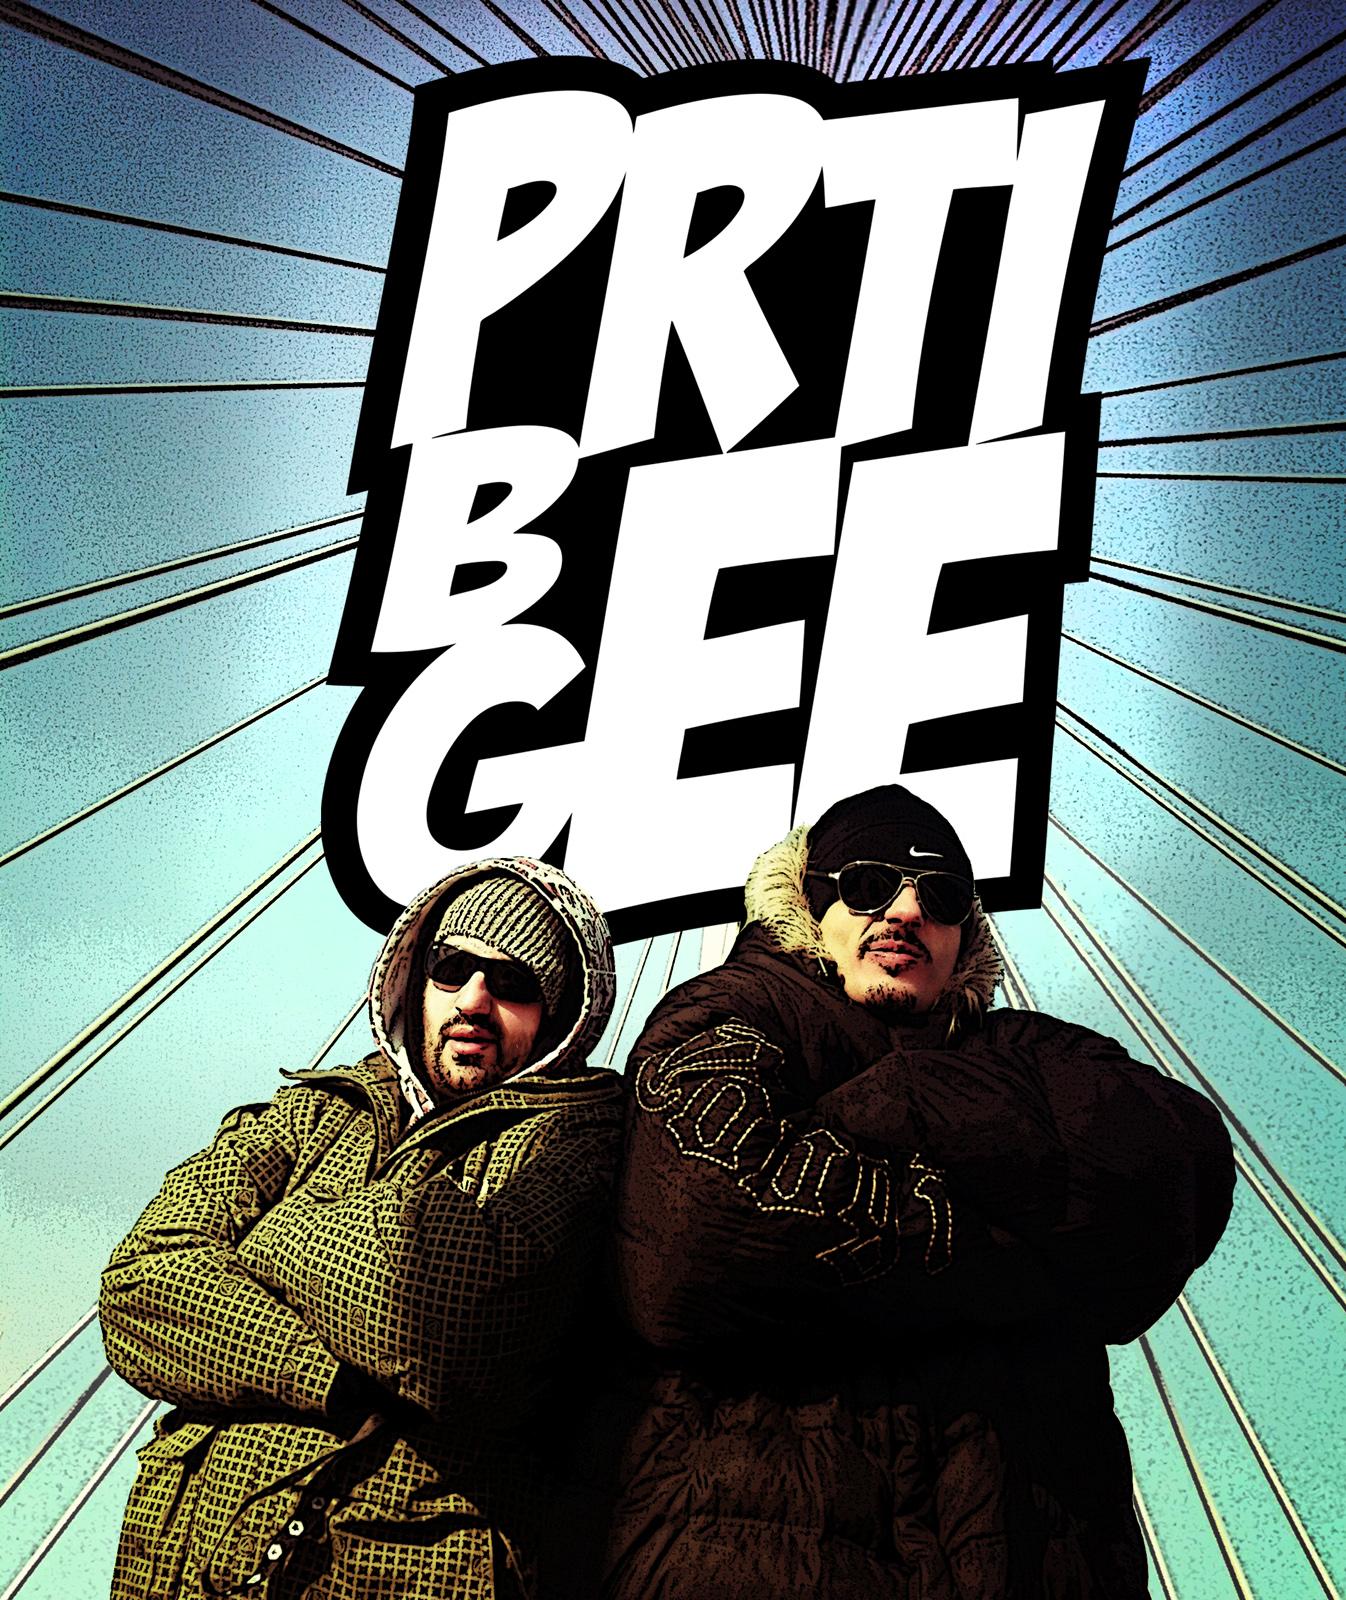 prti-bee-gee